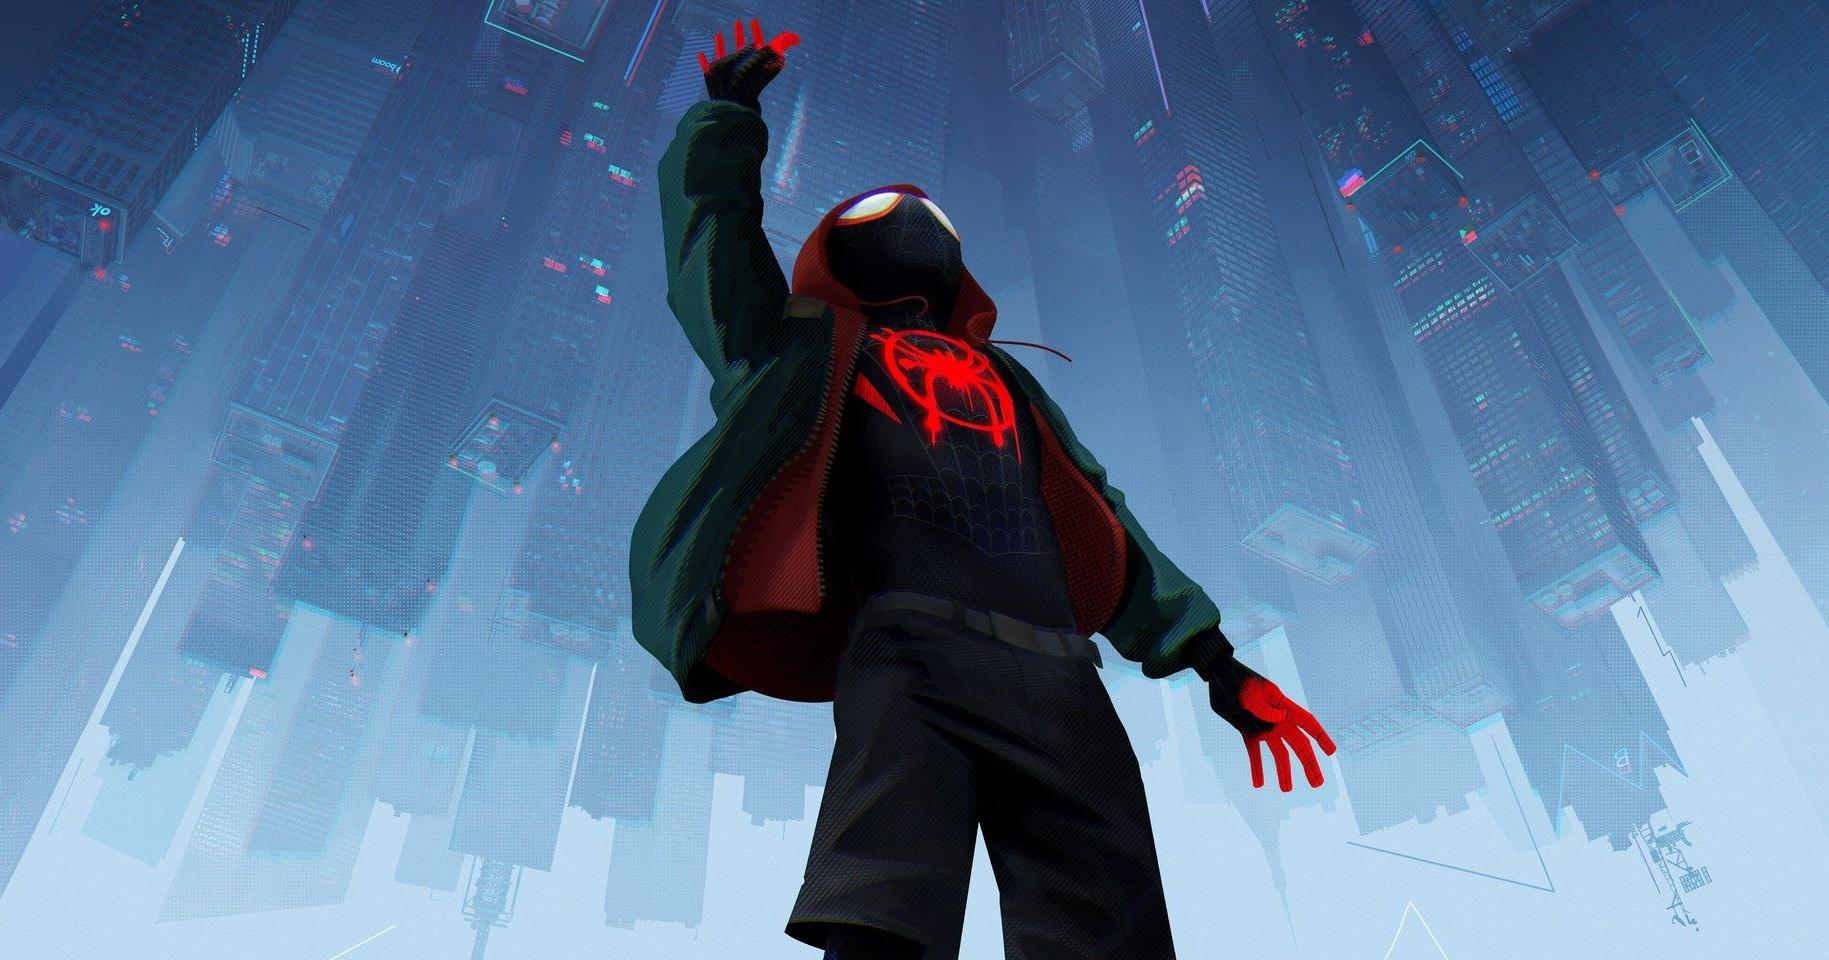 spider-man-into-the-spider-verse-movie.jpg